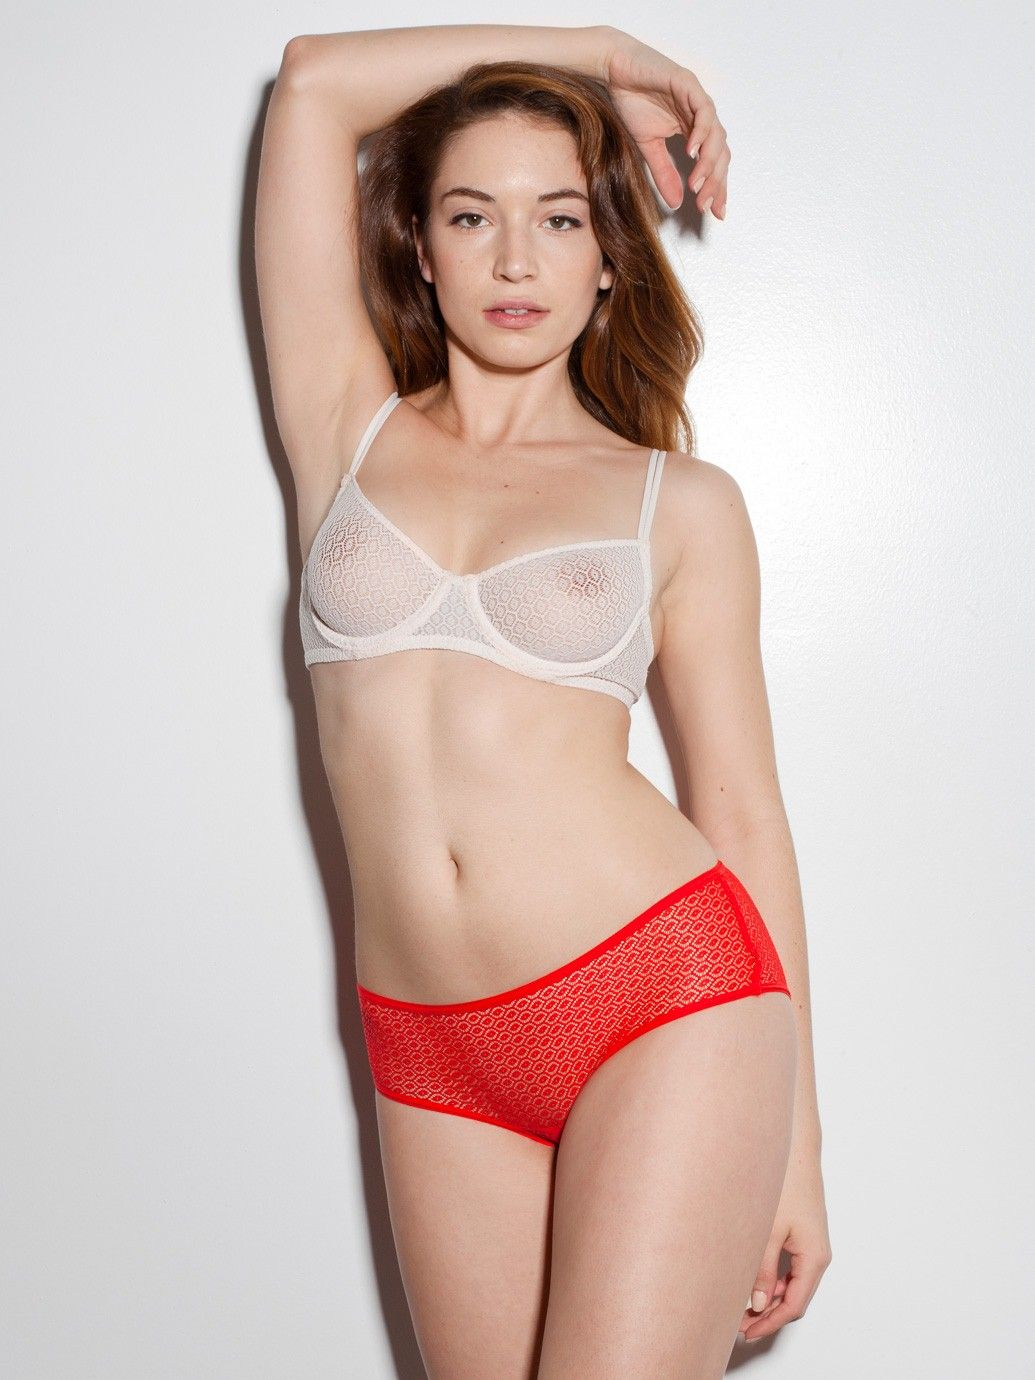 Kimberly williams paisley nude fakes